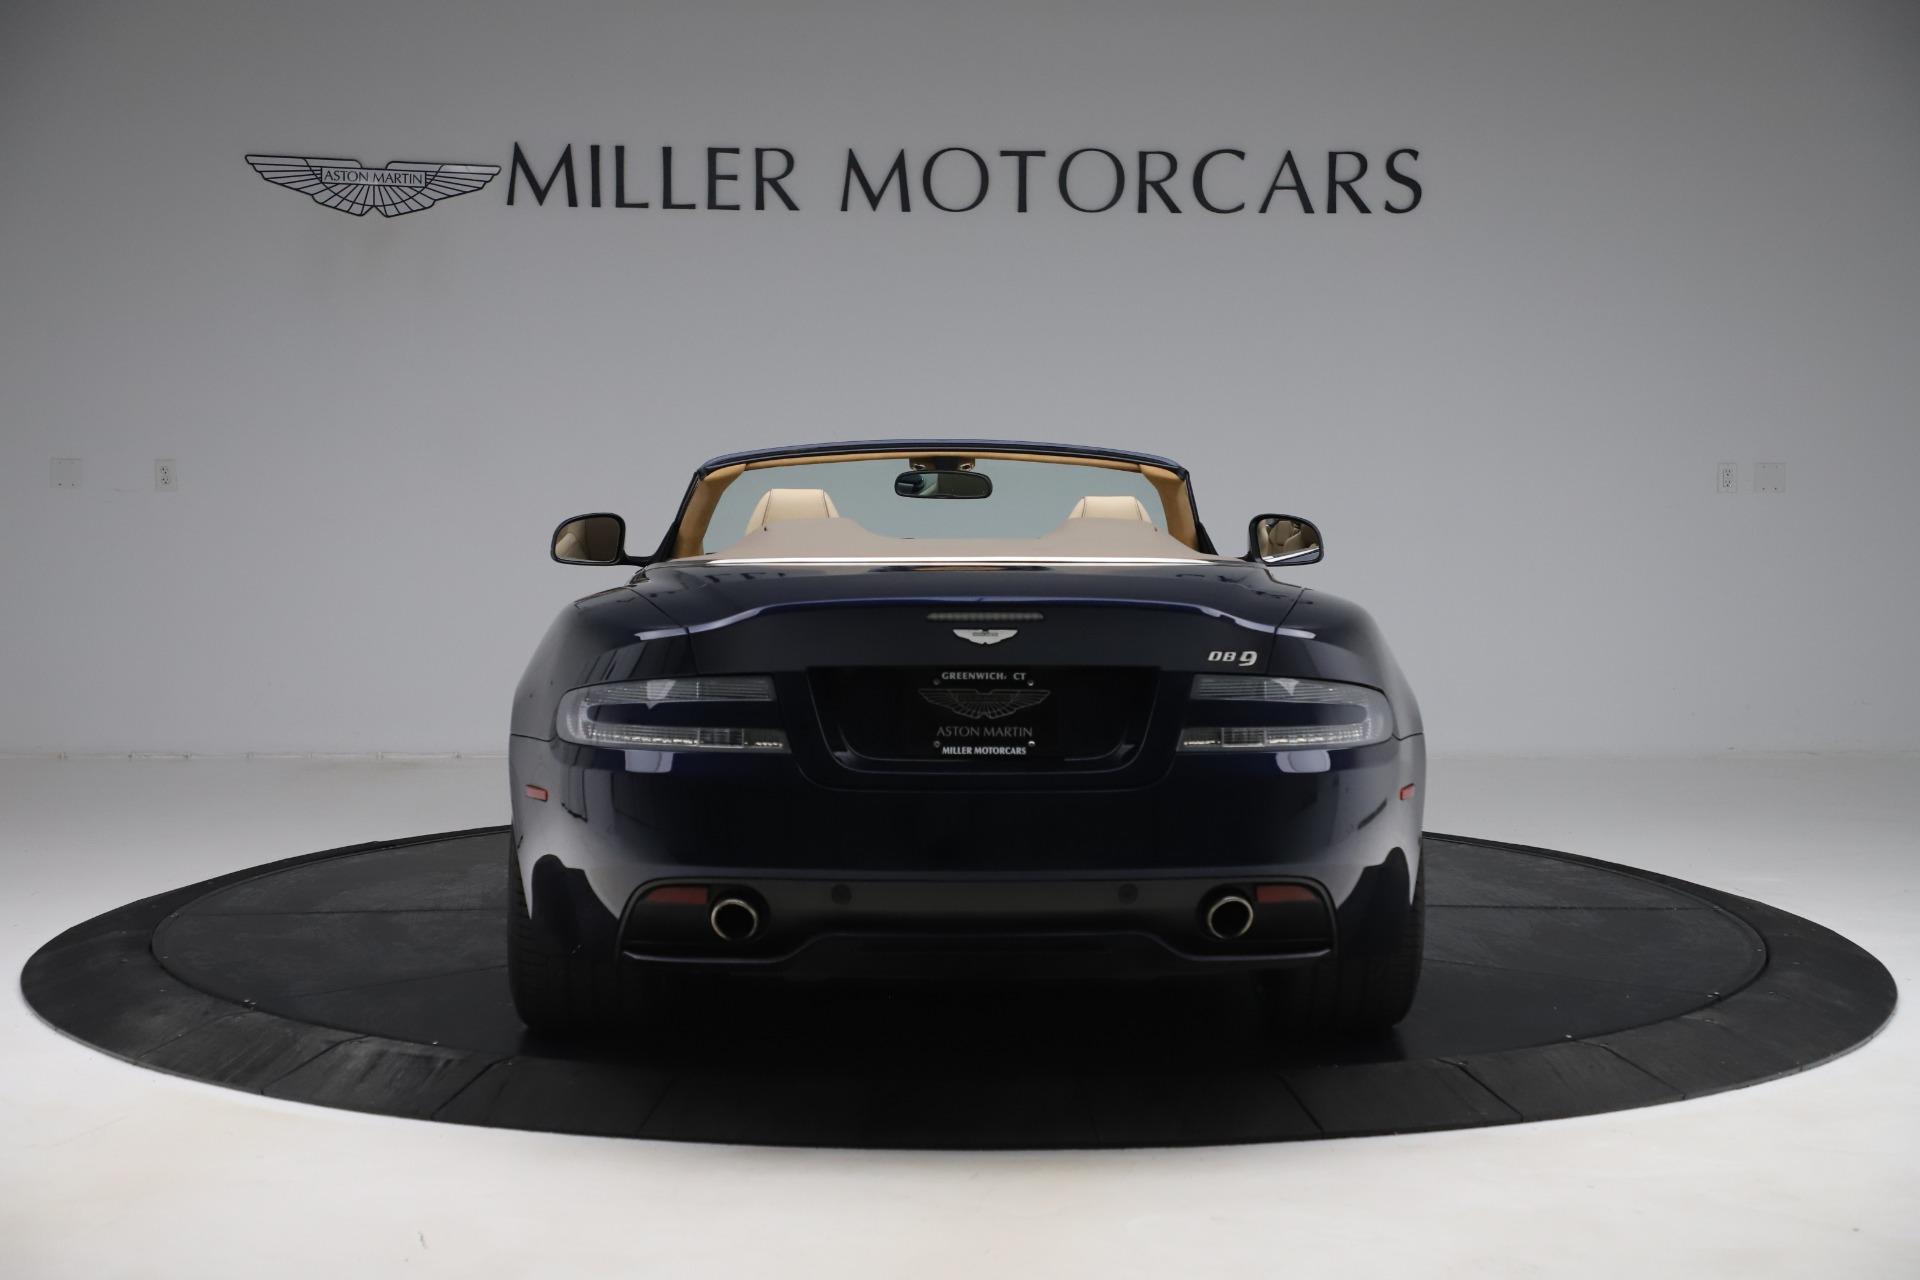 Used 2014 Aston Martin DB9 Volante For Sale In Greenwich, CT 3591_p6